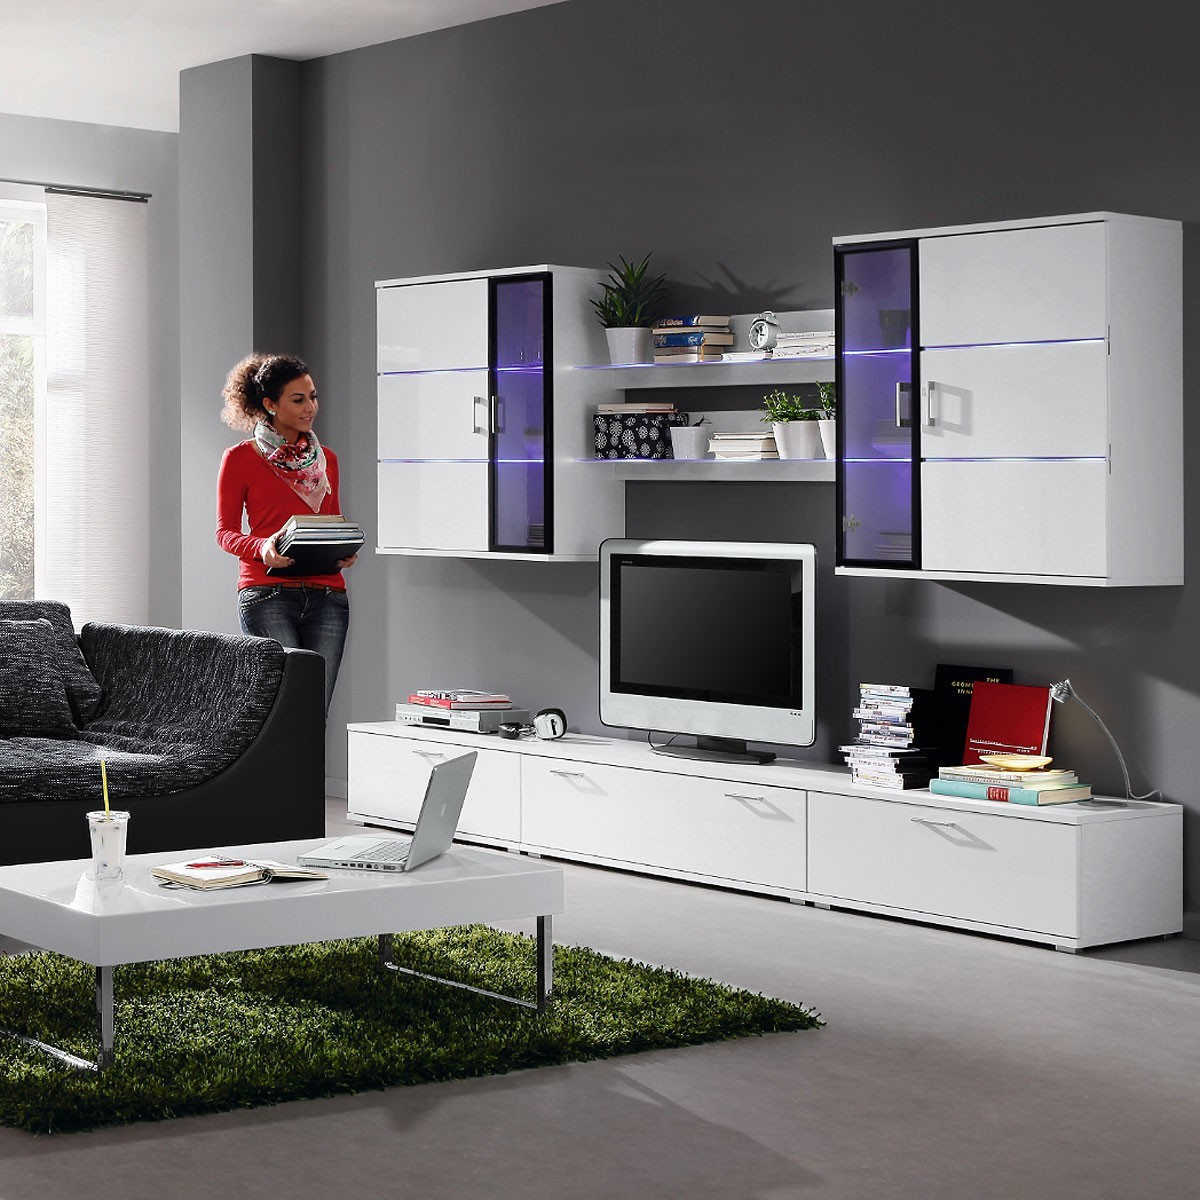 Wohnwand modern schwarz neuesten design for Anbauwand modern wohnwand